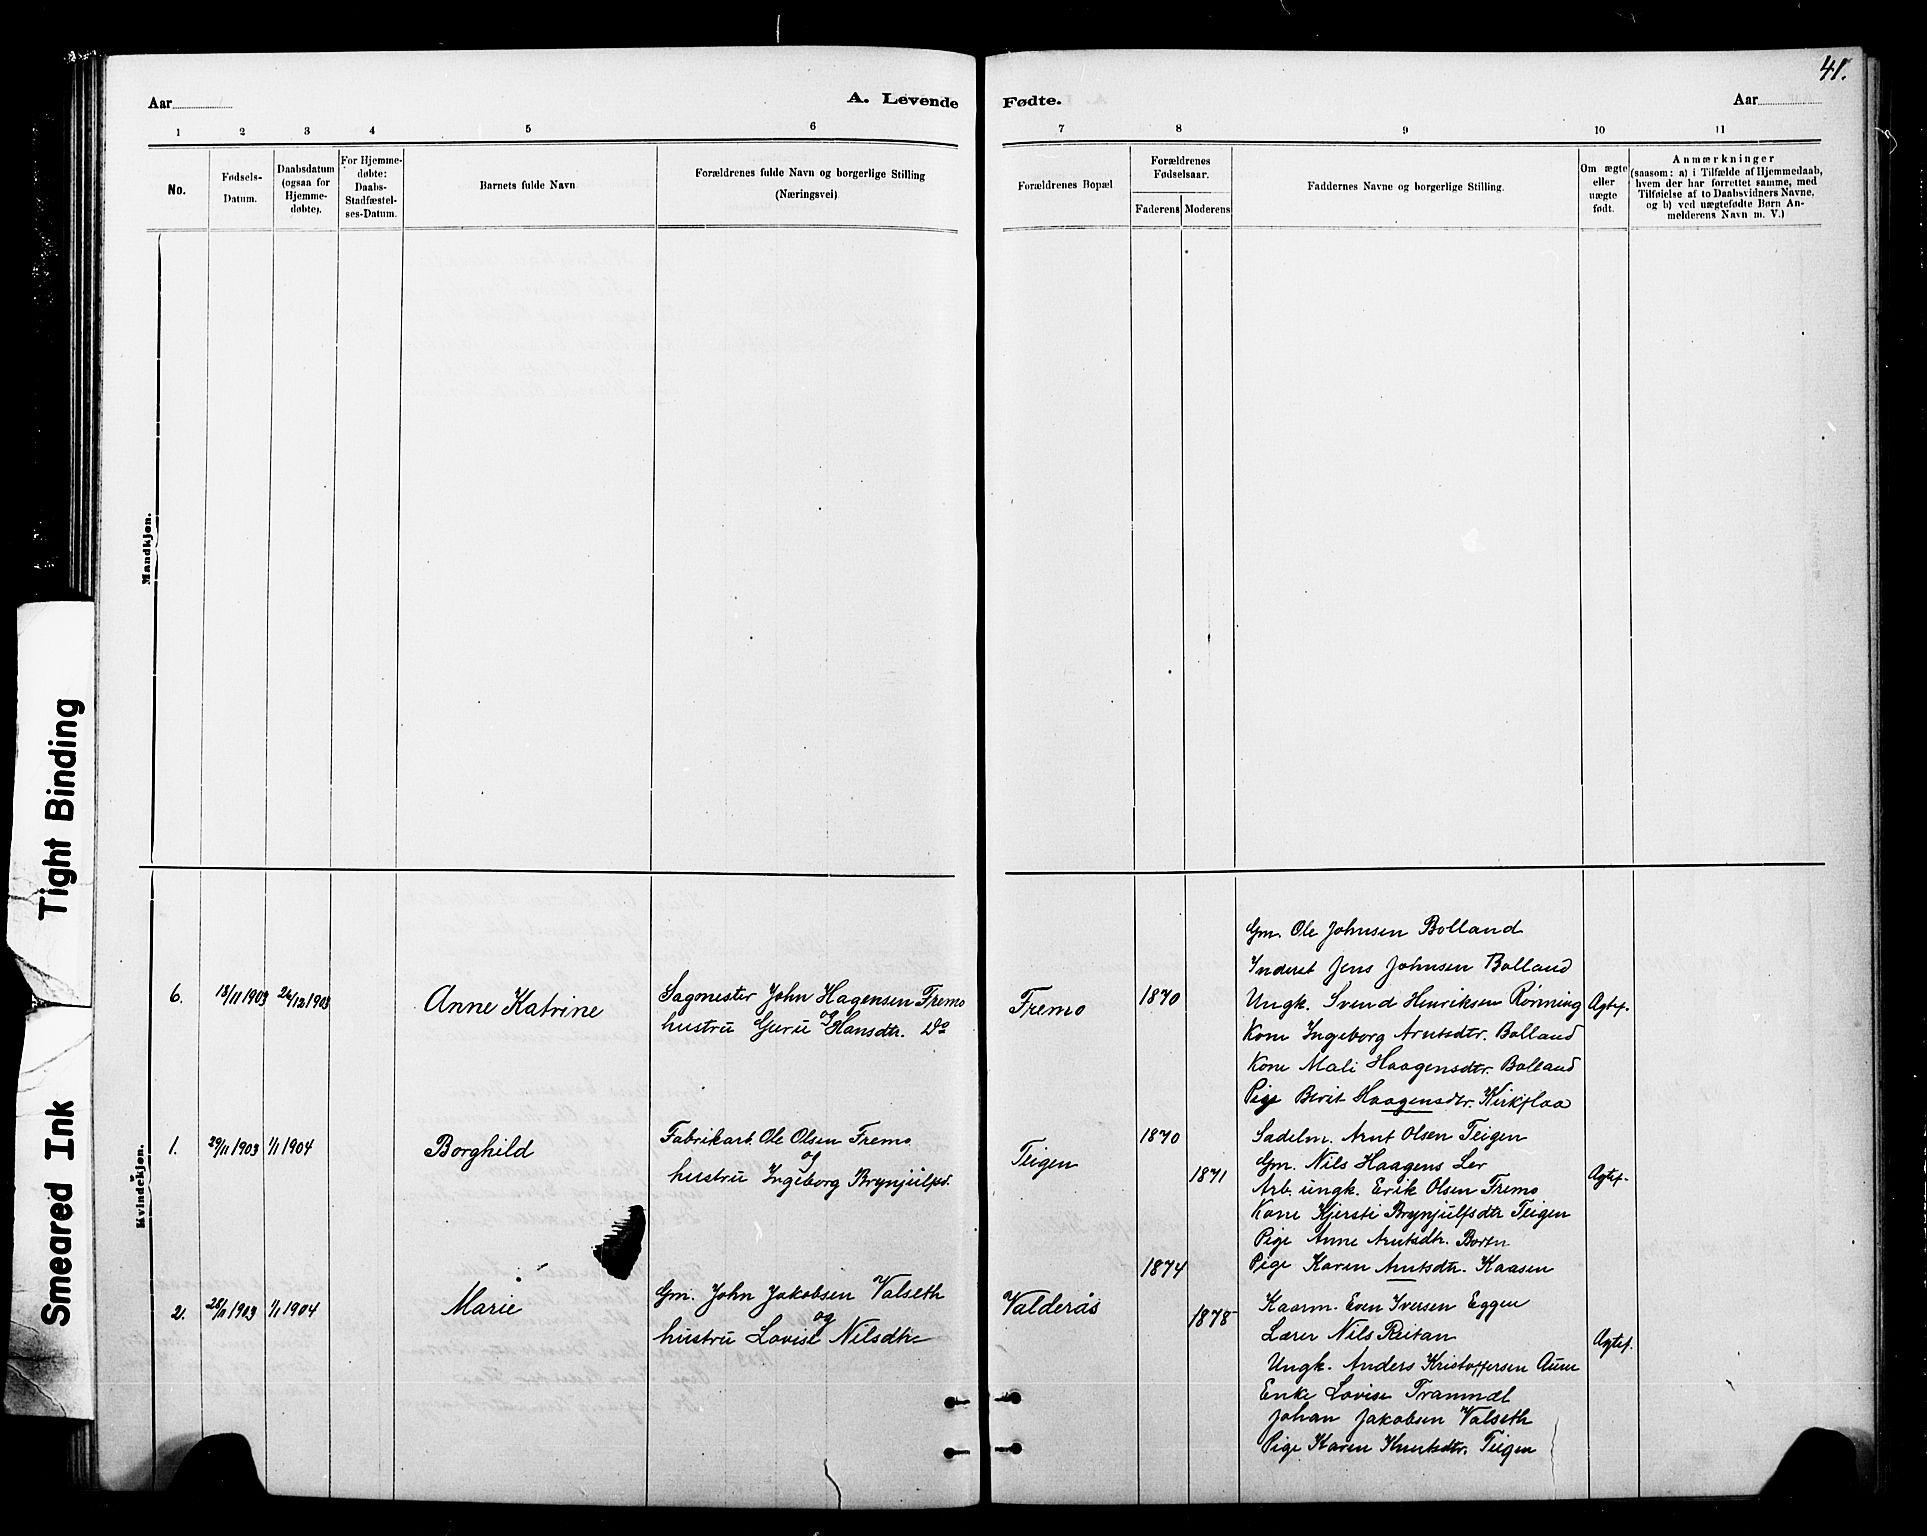 SAT, Ministerialprotokoller, klokkerbøker og fødselsregistre - Sør-Trøndelag, 693/L1123: Klokkerbok nr. 693C04, 1887-1910, s. 41